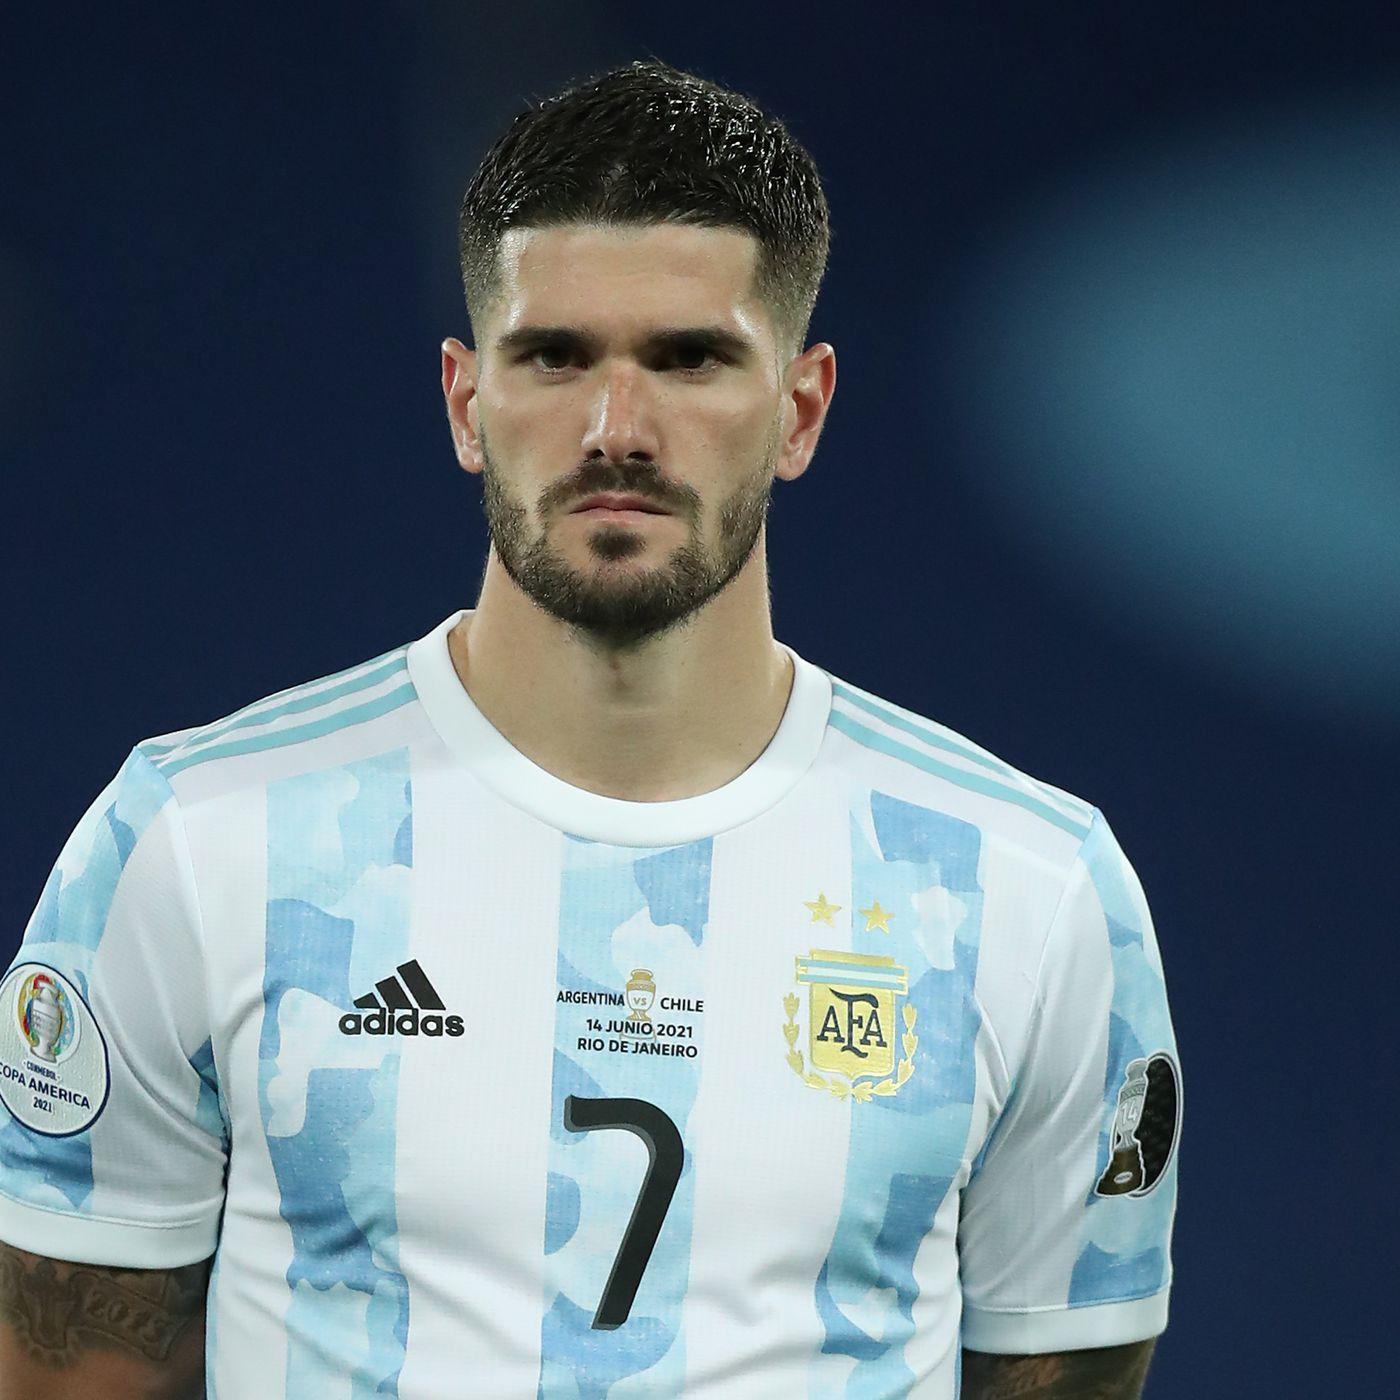 Juara Copa America 2021, Gelandang Argentina Ini Direkrut Atletico Madrid